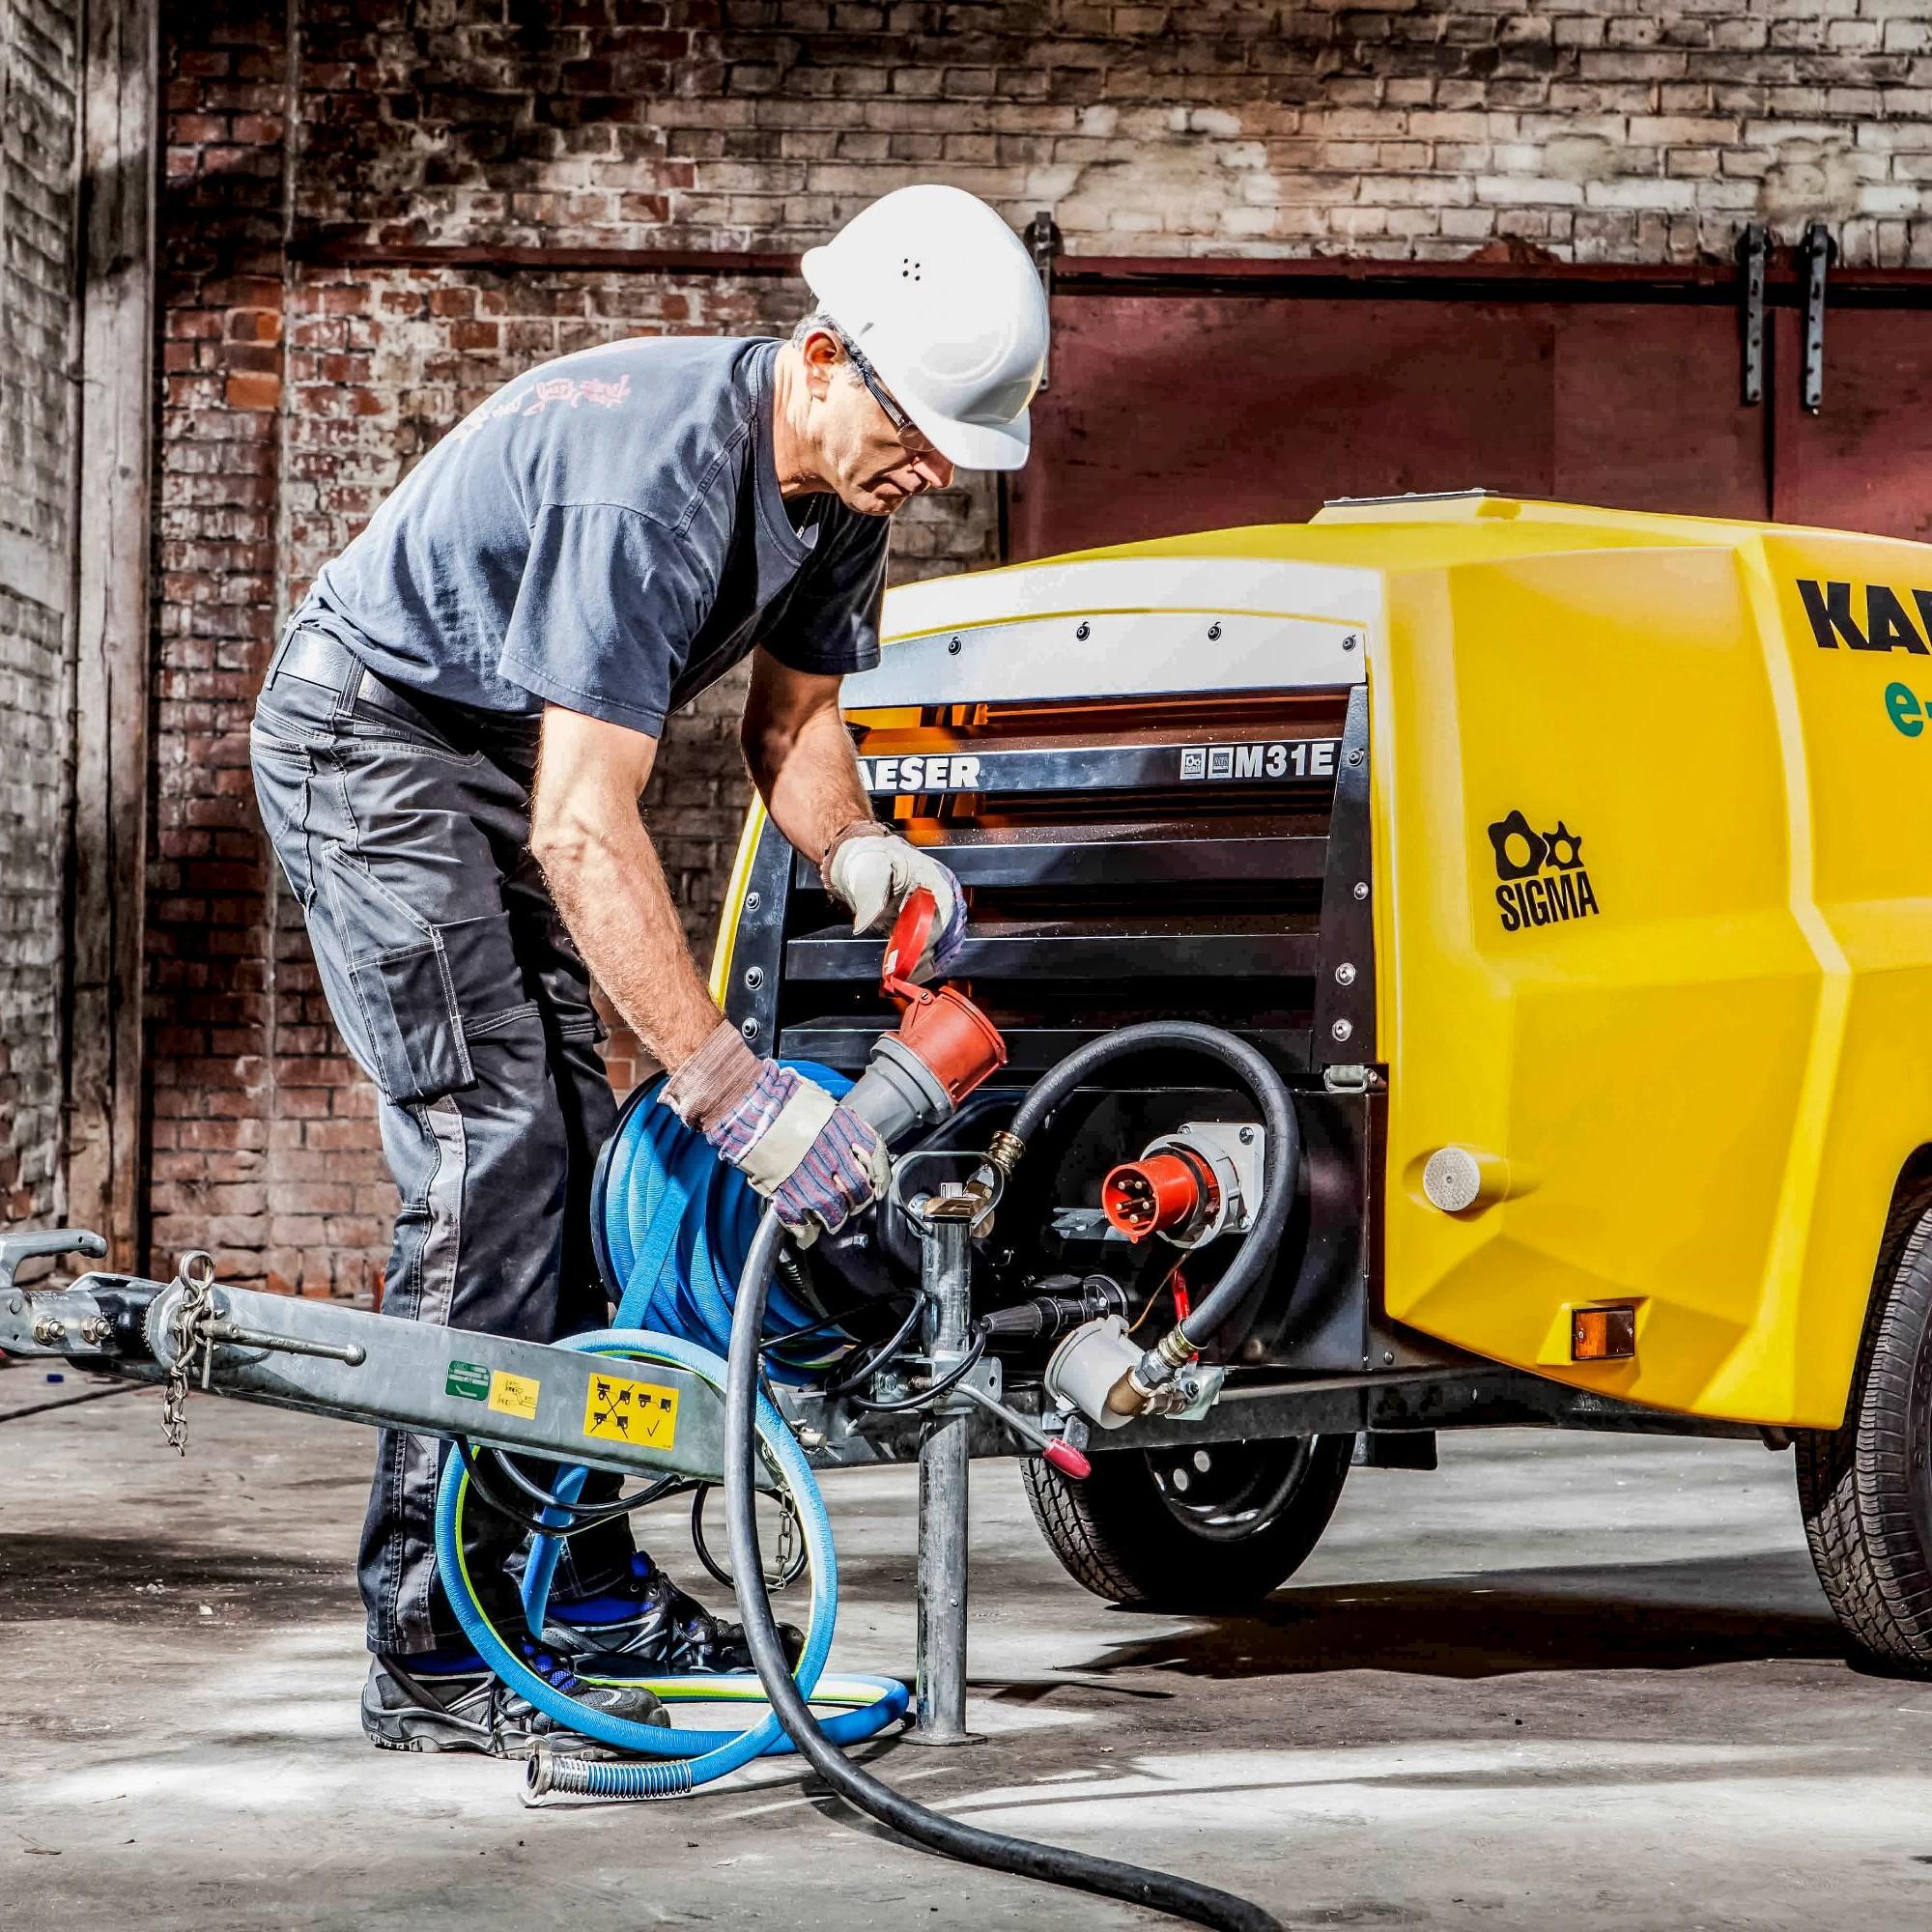 Mit elektrischen Baumaschinen und -geräten lassen sich mittlerweile komplette Baustellen einrichten. Selbst Kompressoren wie der Kaeser M31E machen die Arbeit im Innenbereich möglich.